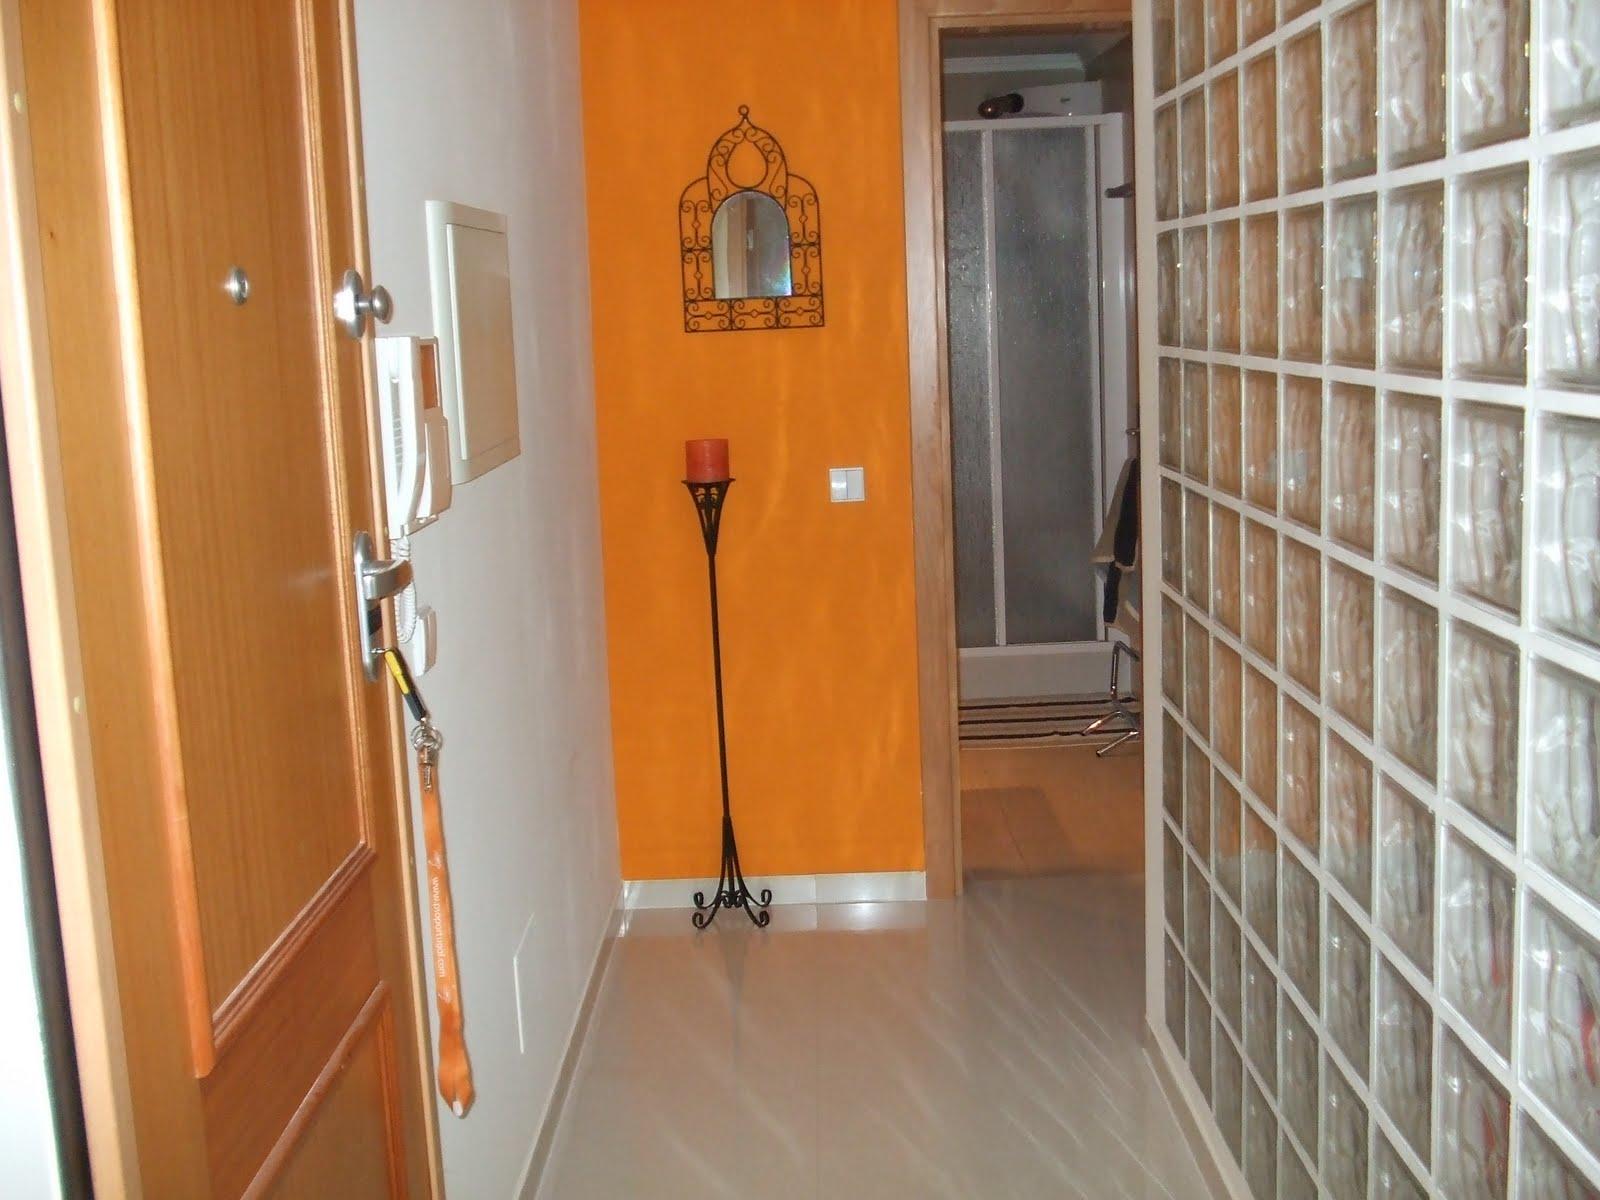 #A96122 Cozinha c/ despensa (12 30m2) 480 Janelas Duplas Ou Vidros Duplos